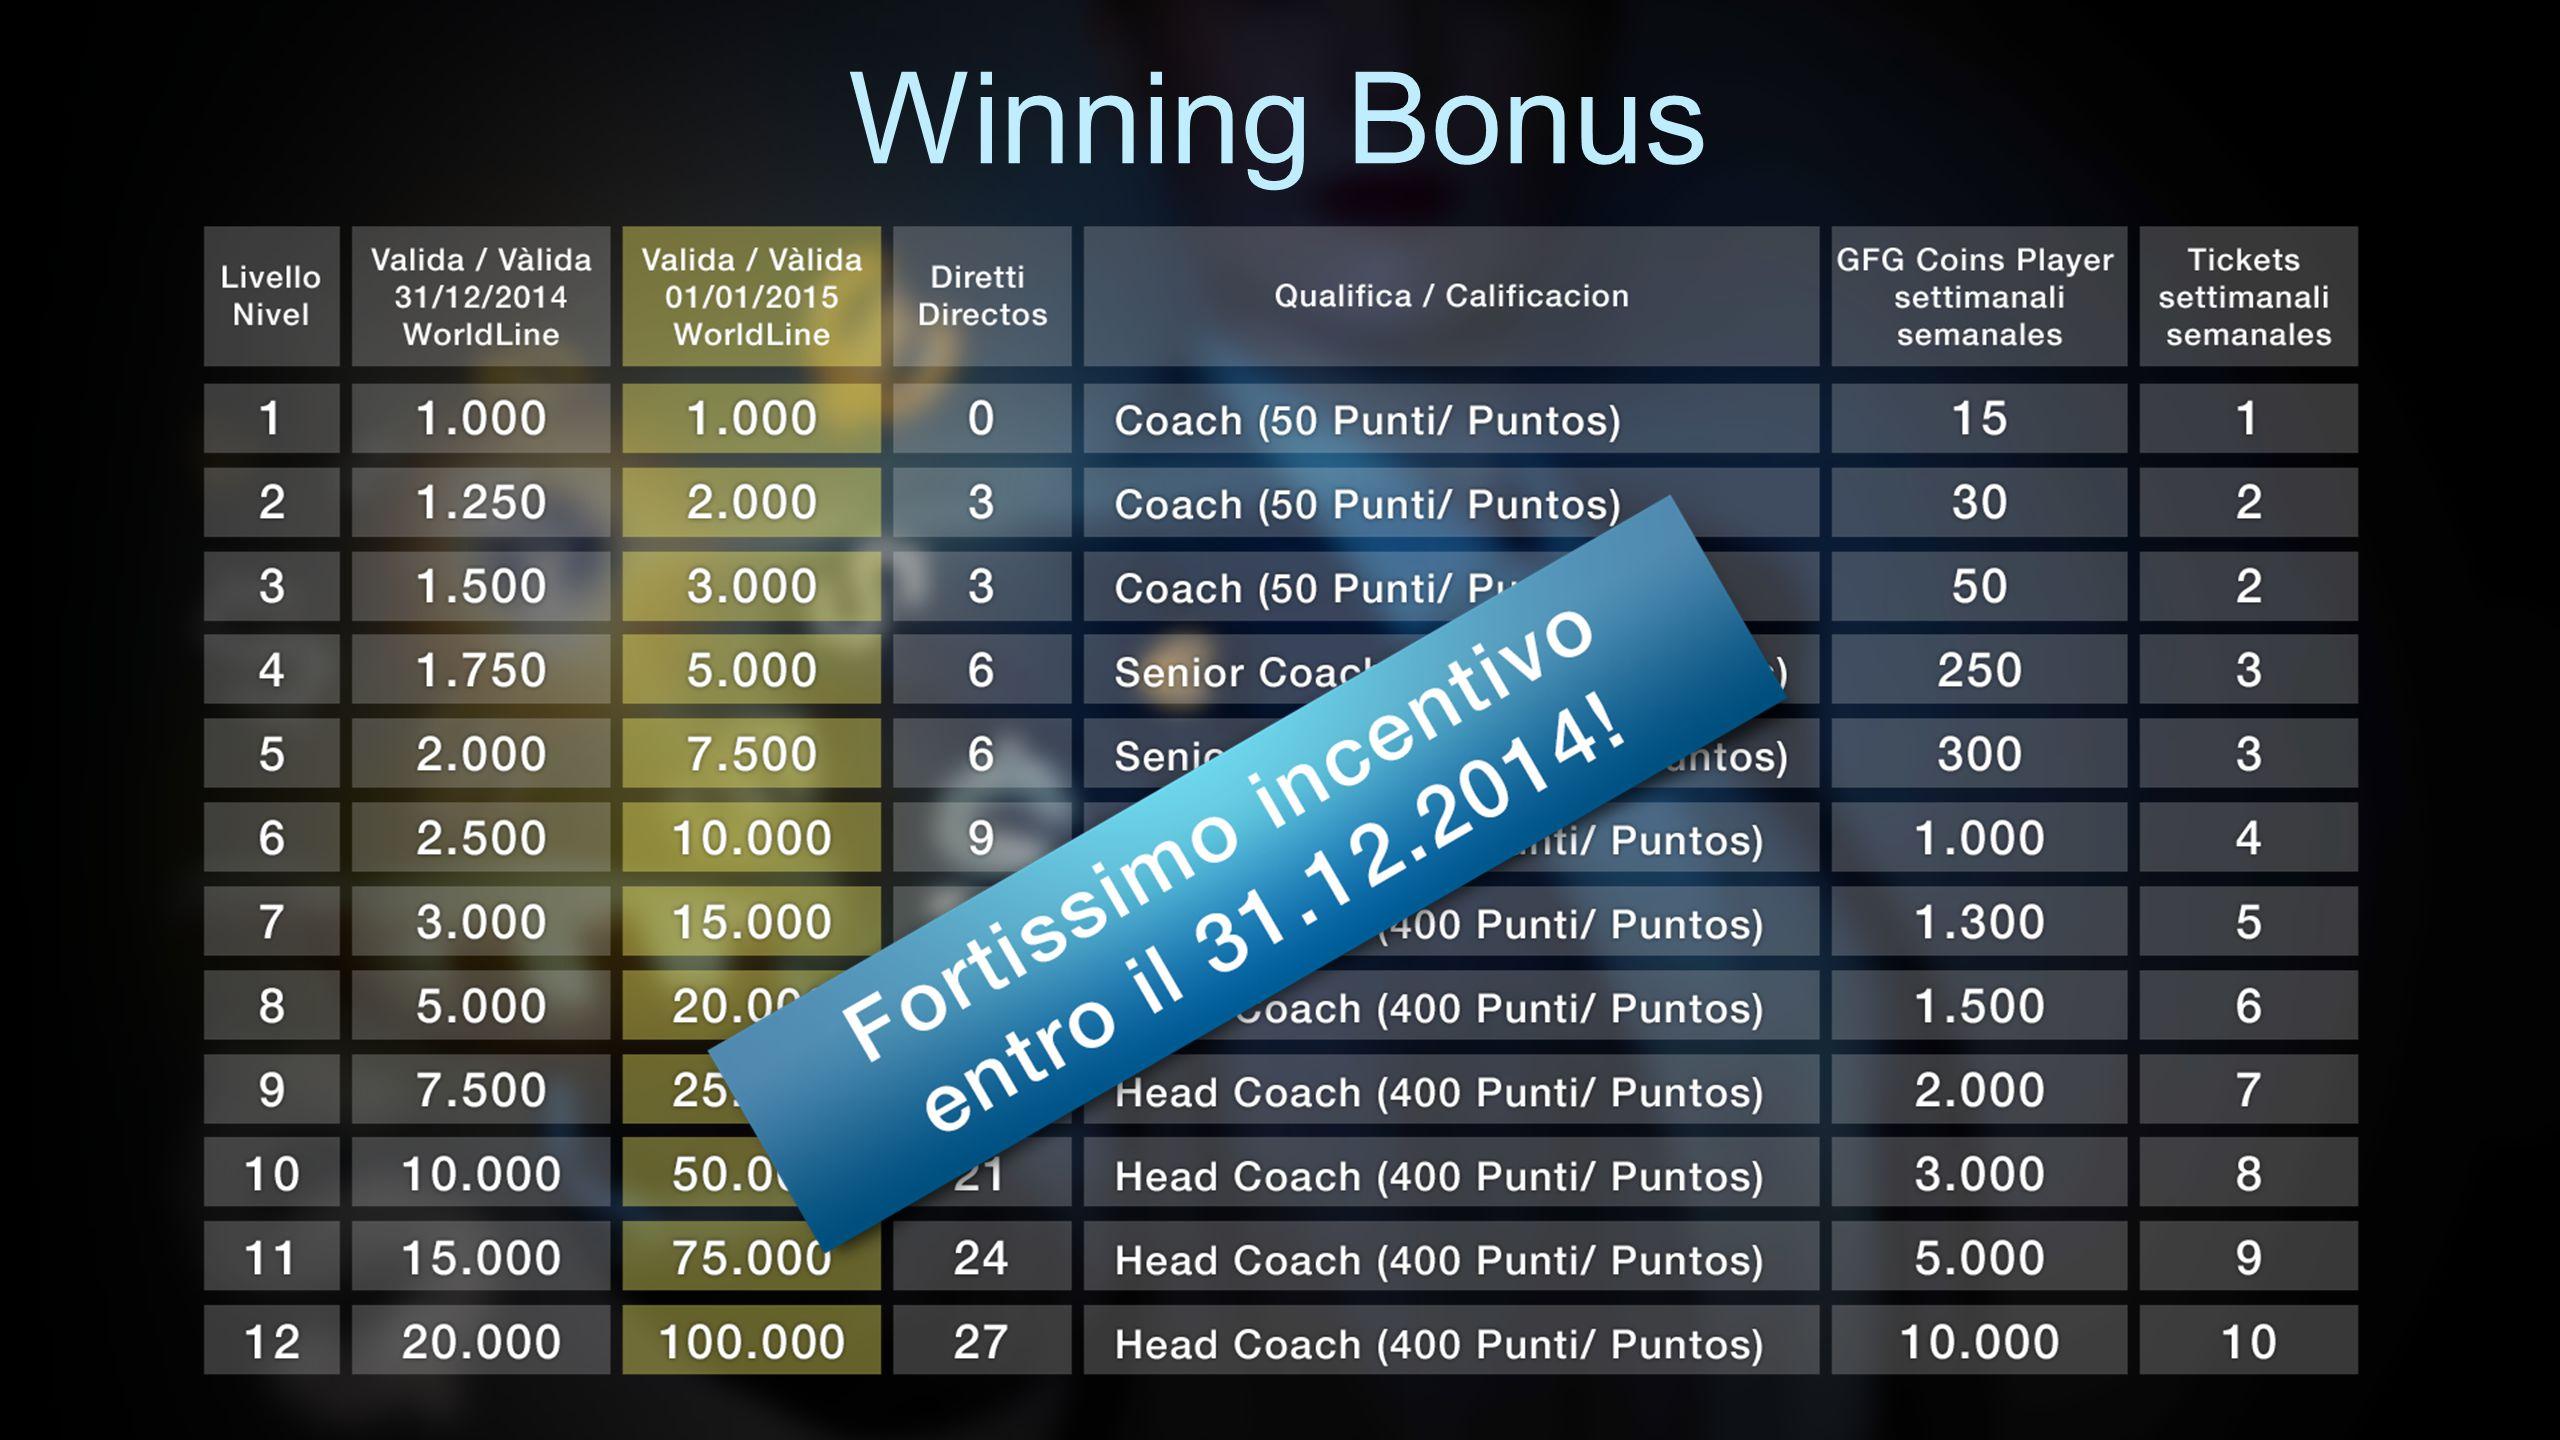 Winning Bonus